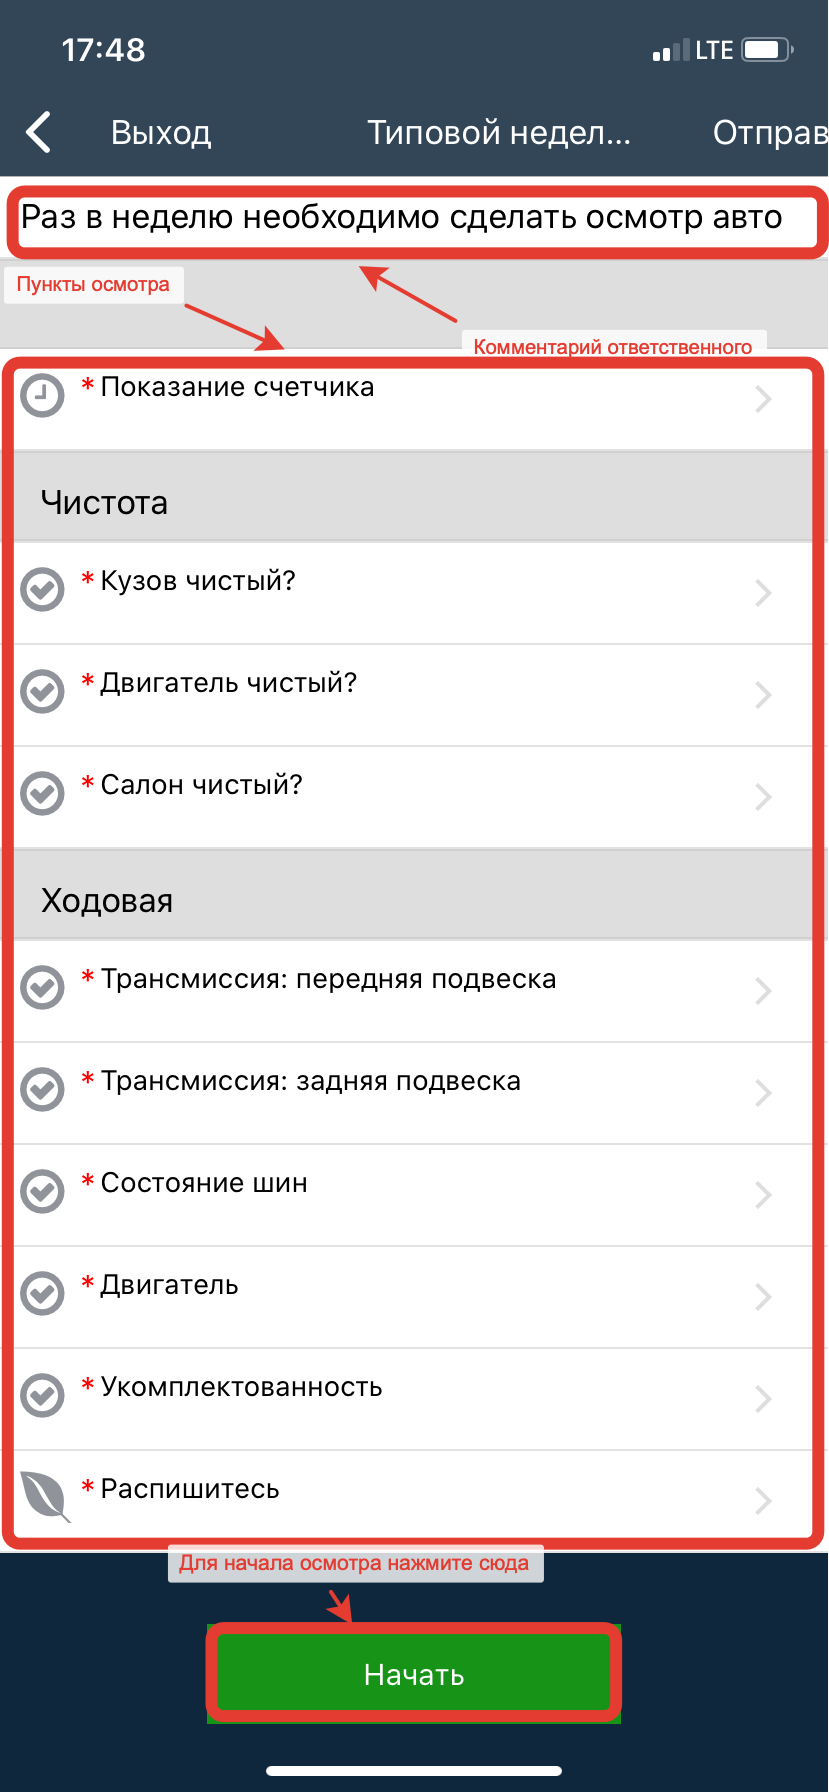 Мобильное приложение Завгар Онлайн - прохождение электронного технического осмотра 4